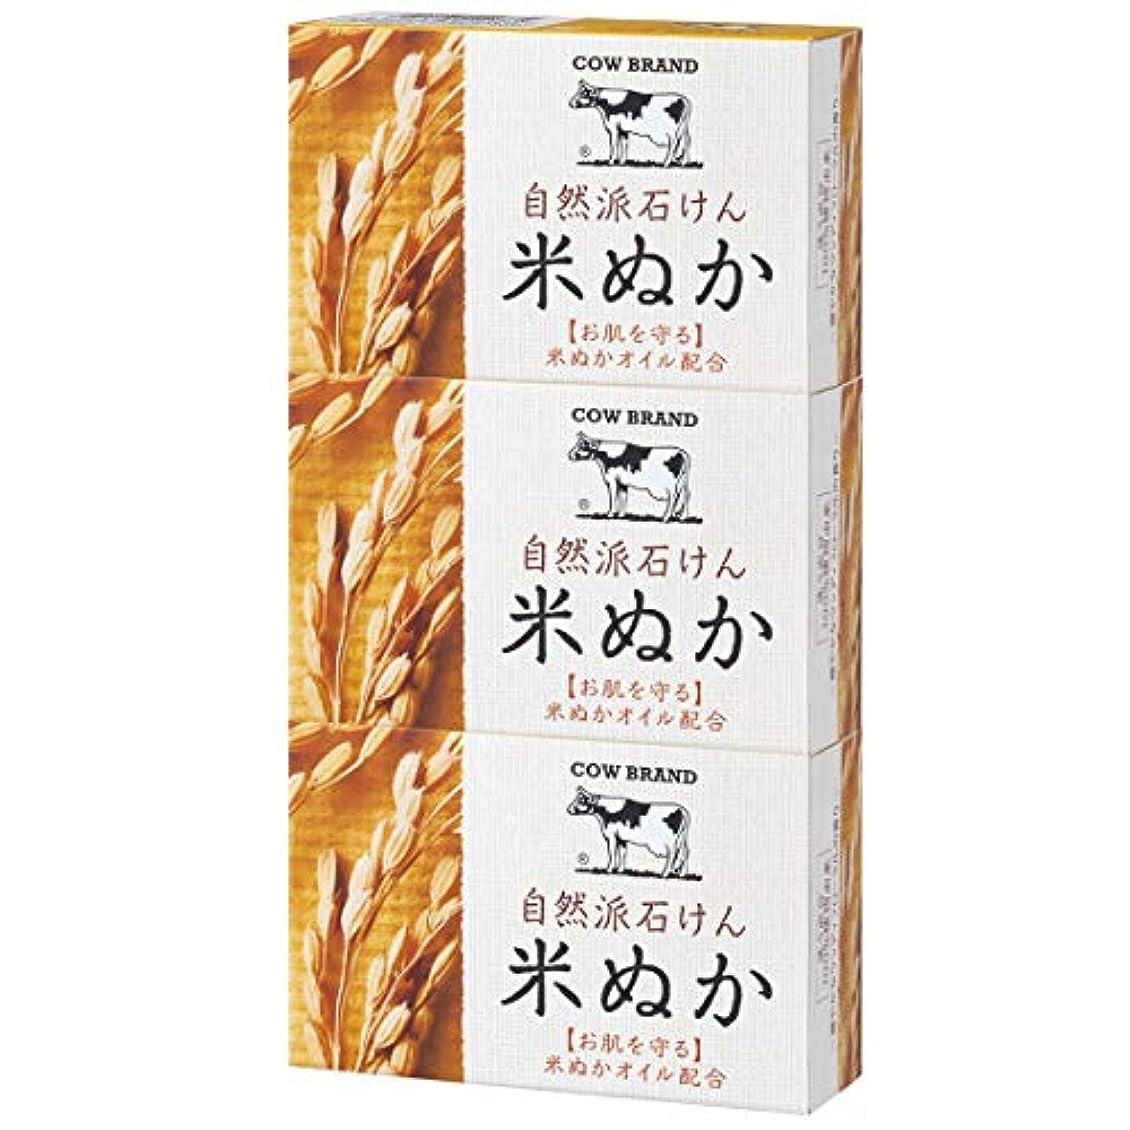 重くする空港スクリーチカウブランド 自然派石けん 米ぬか 100g*3個